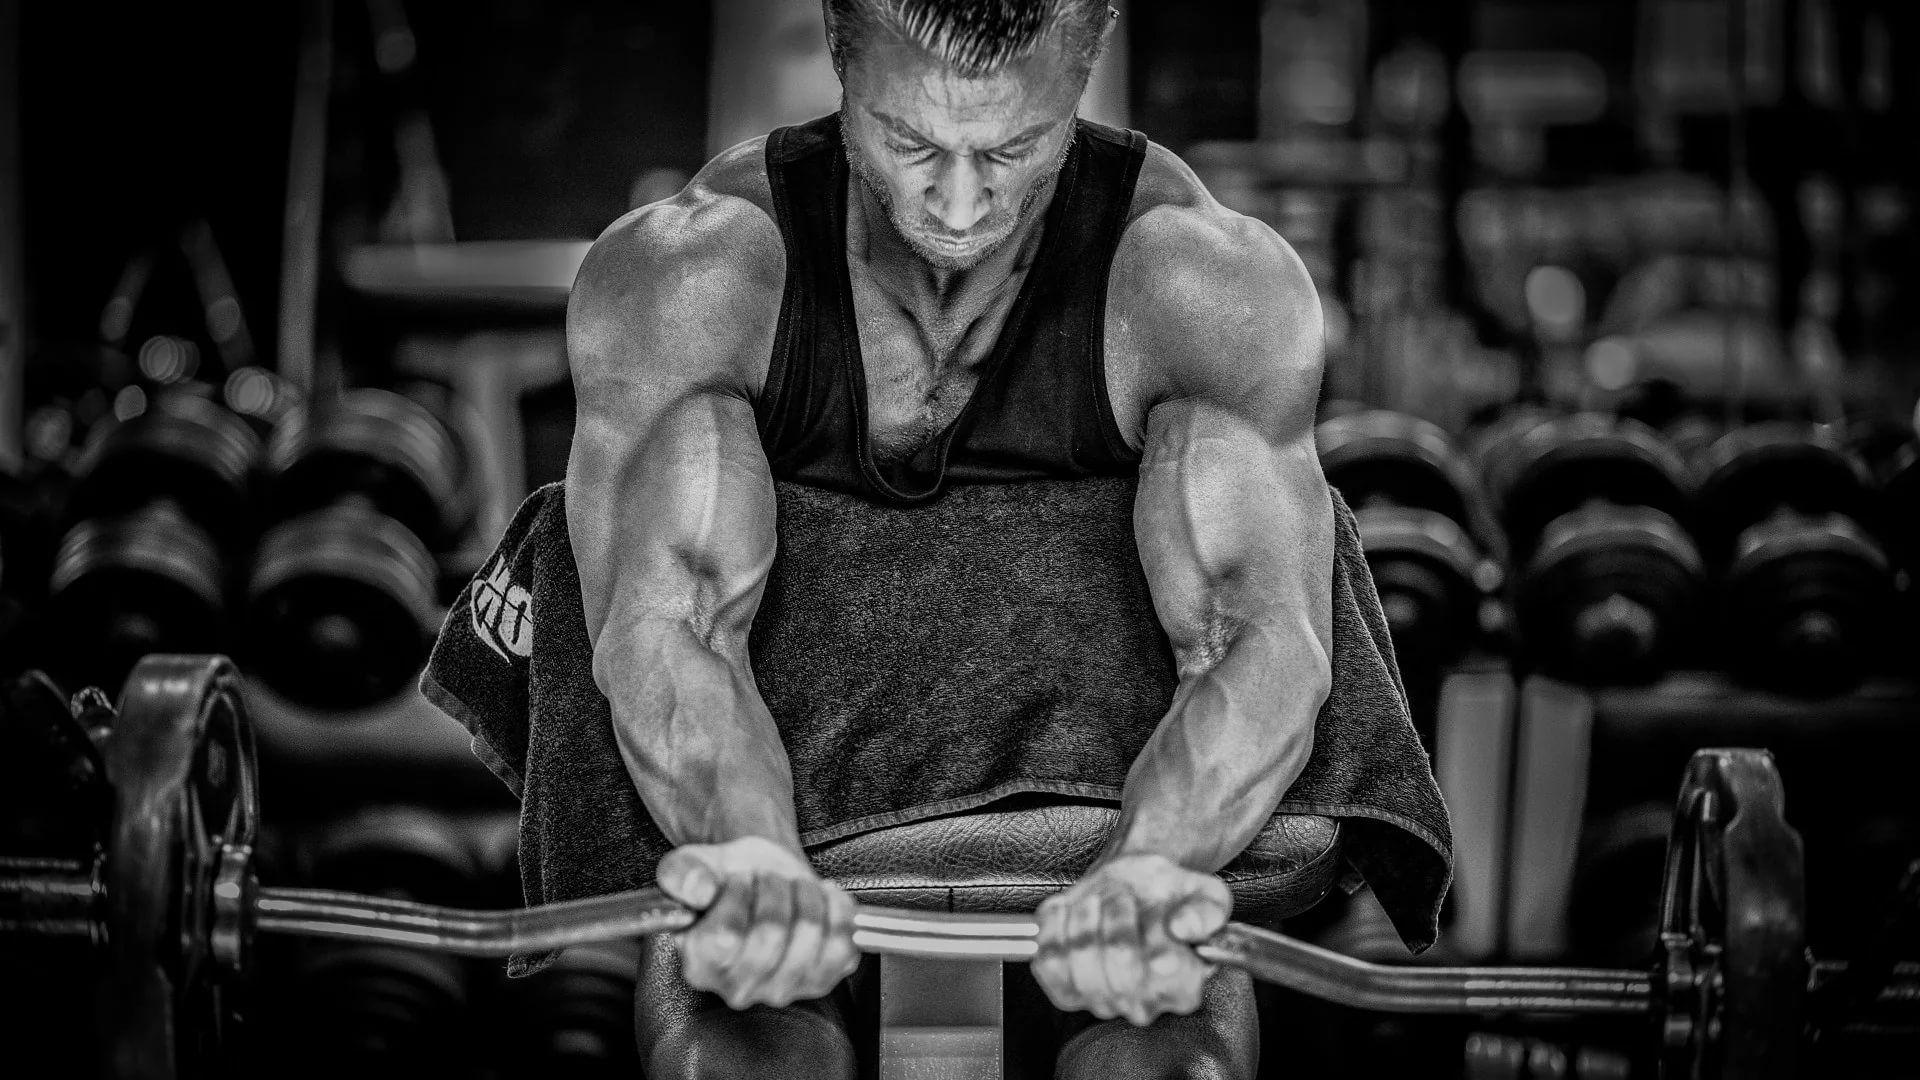 Workout Motivation hd wallpaper